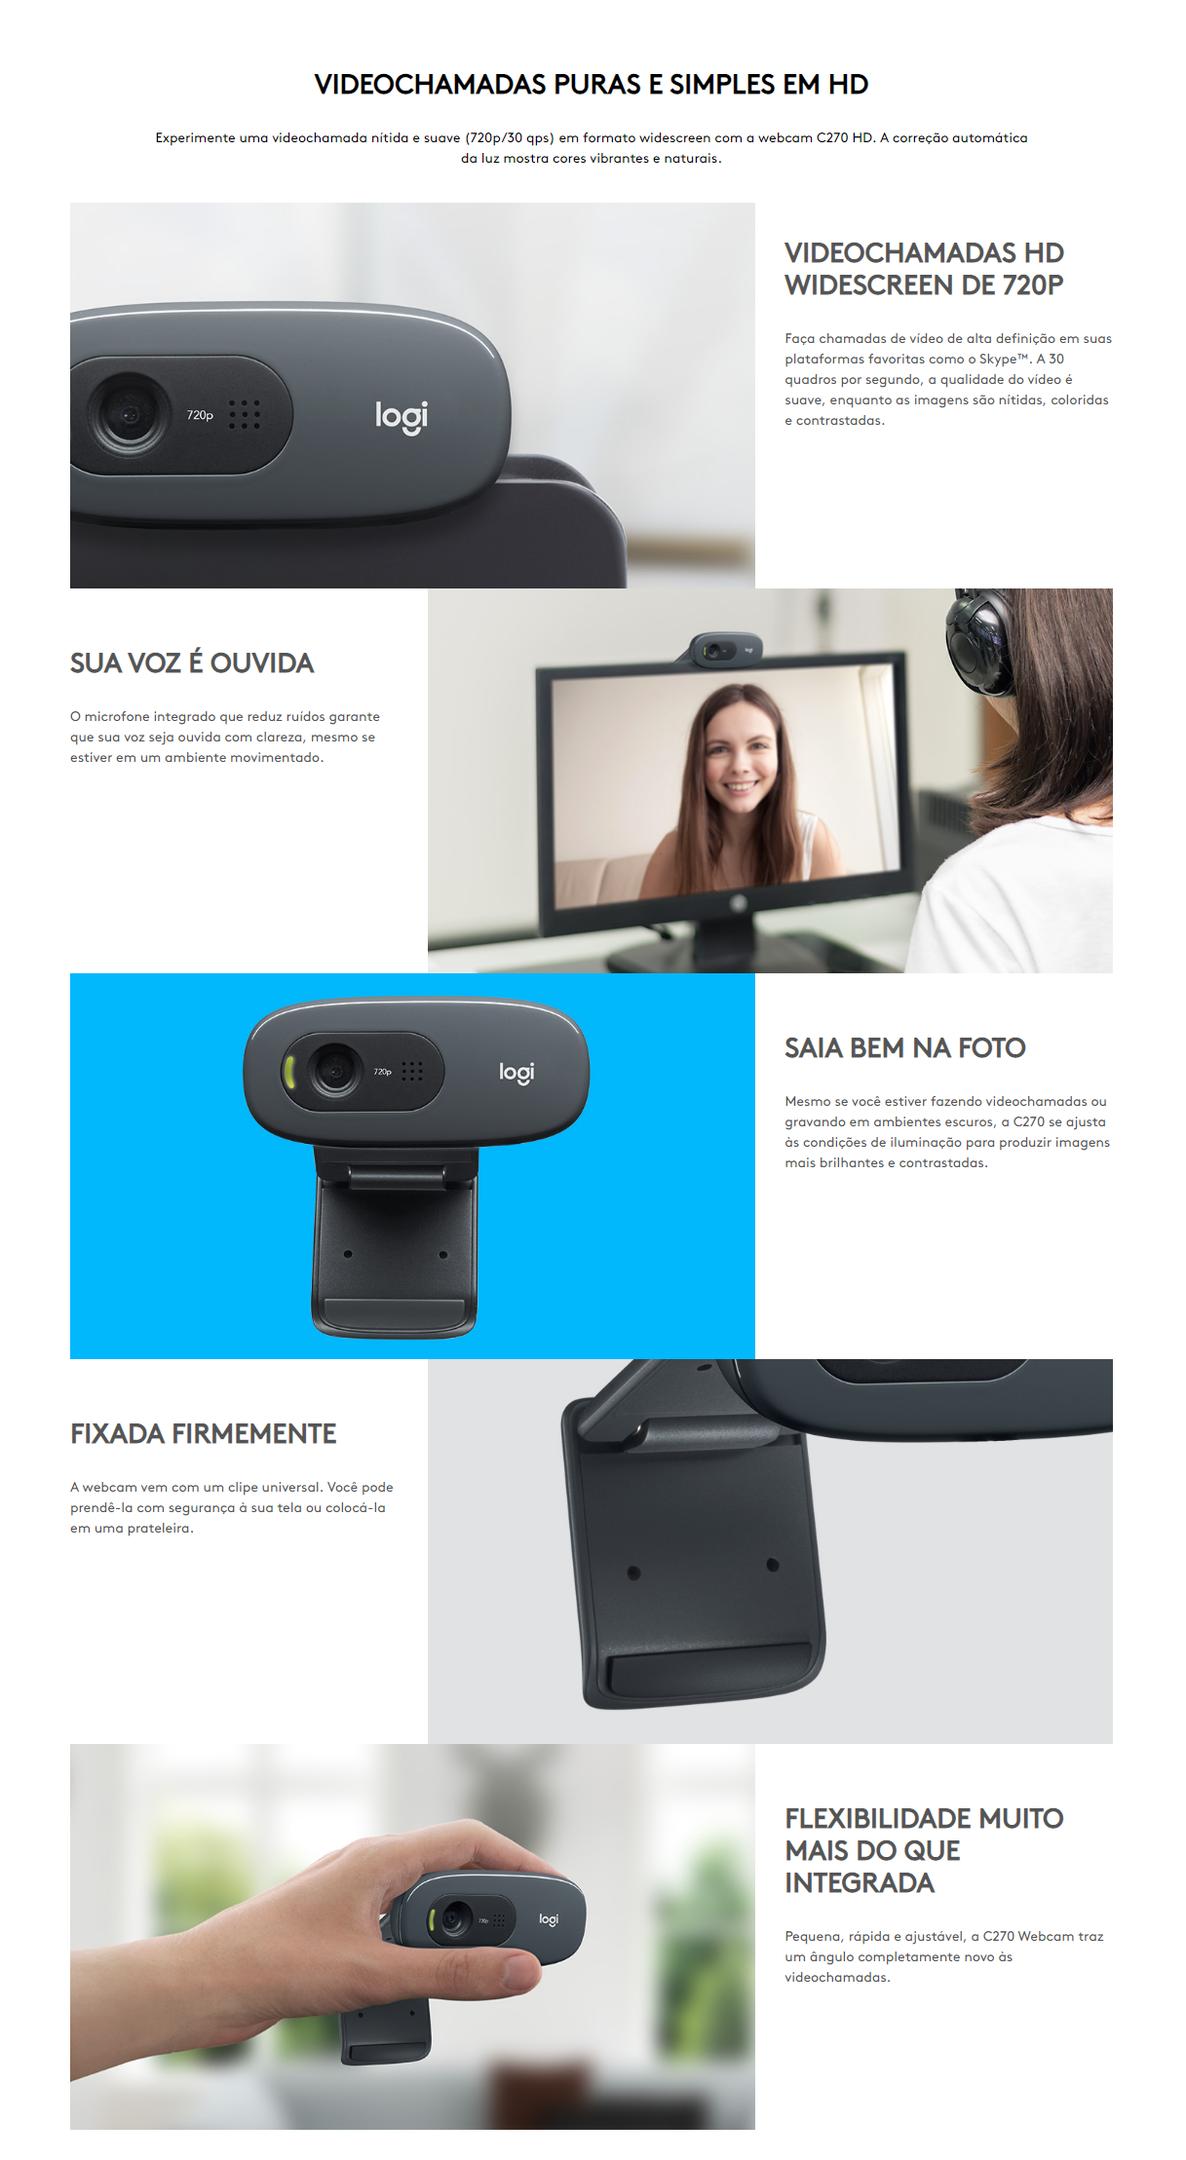 Webcam Logitech C270, HD 720p com Microfone Embutido e 3 MP para Chamadas e Gravações em Vídeo Widescreen